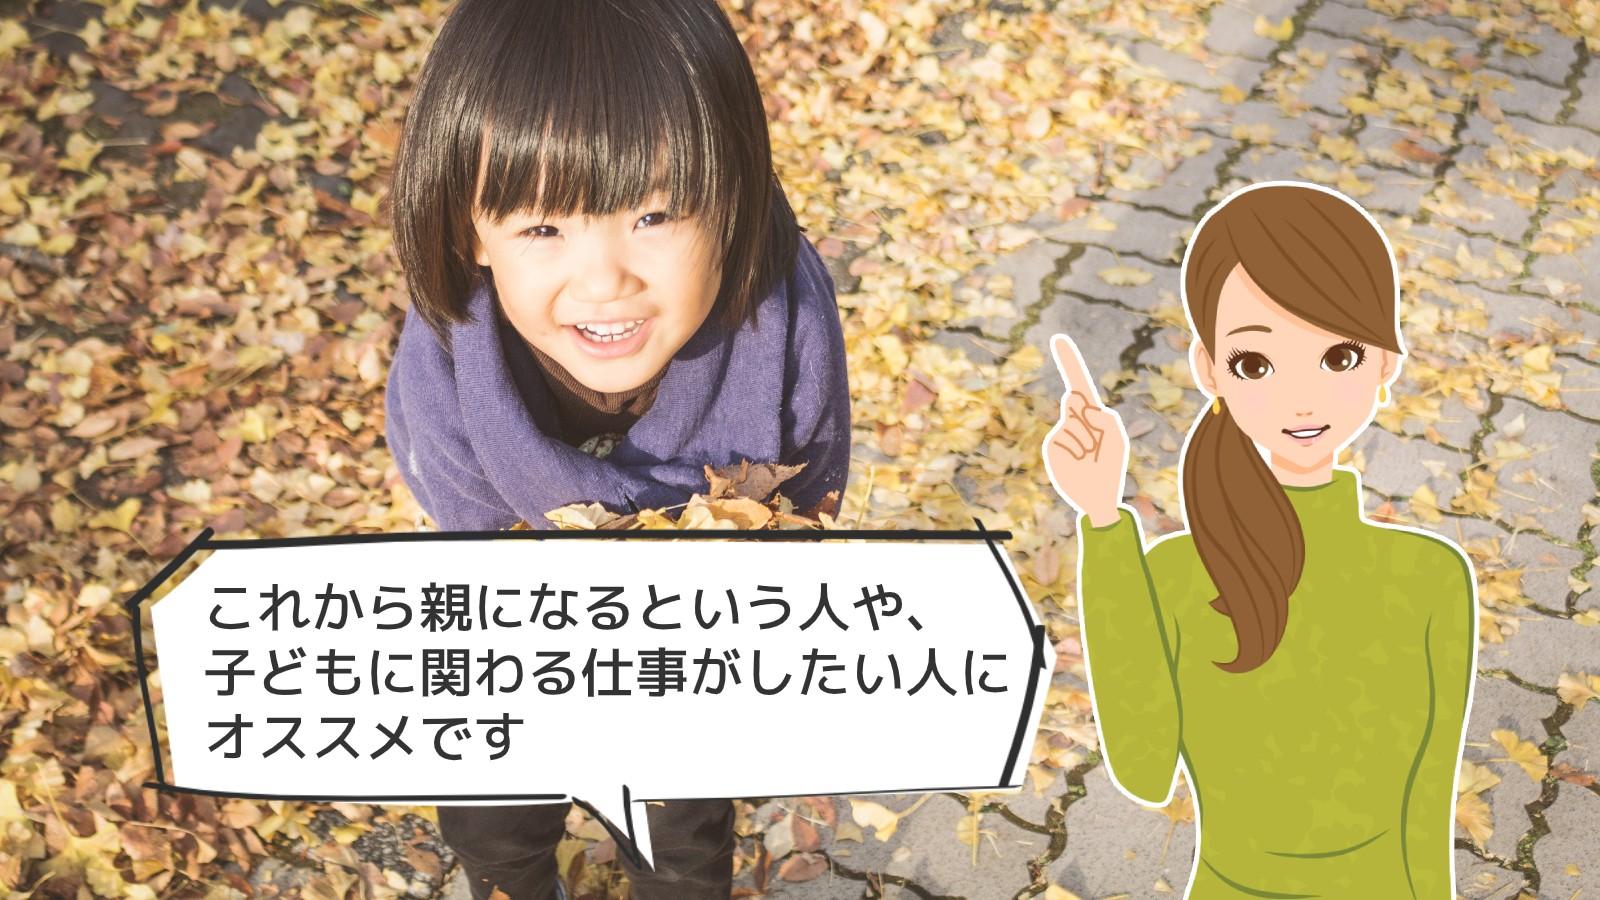 「子供心理カウンセラー資格」のアイキャッチ画像